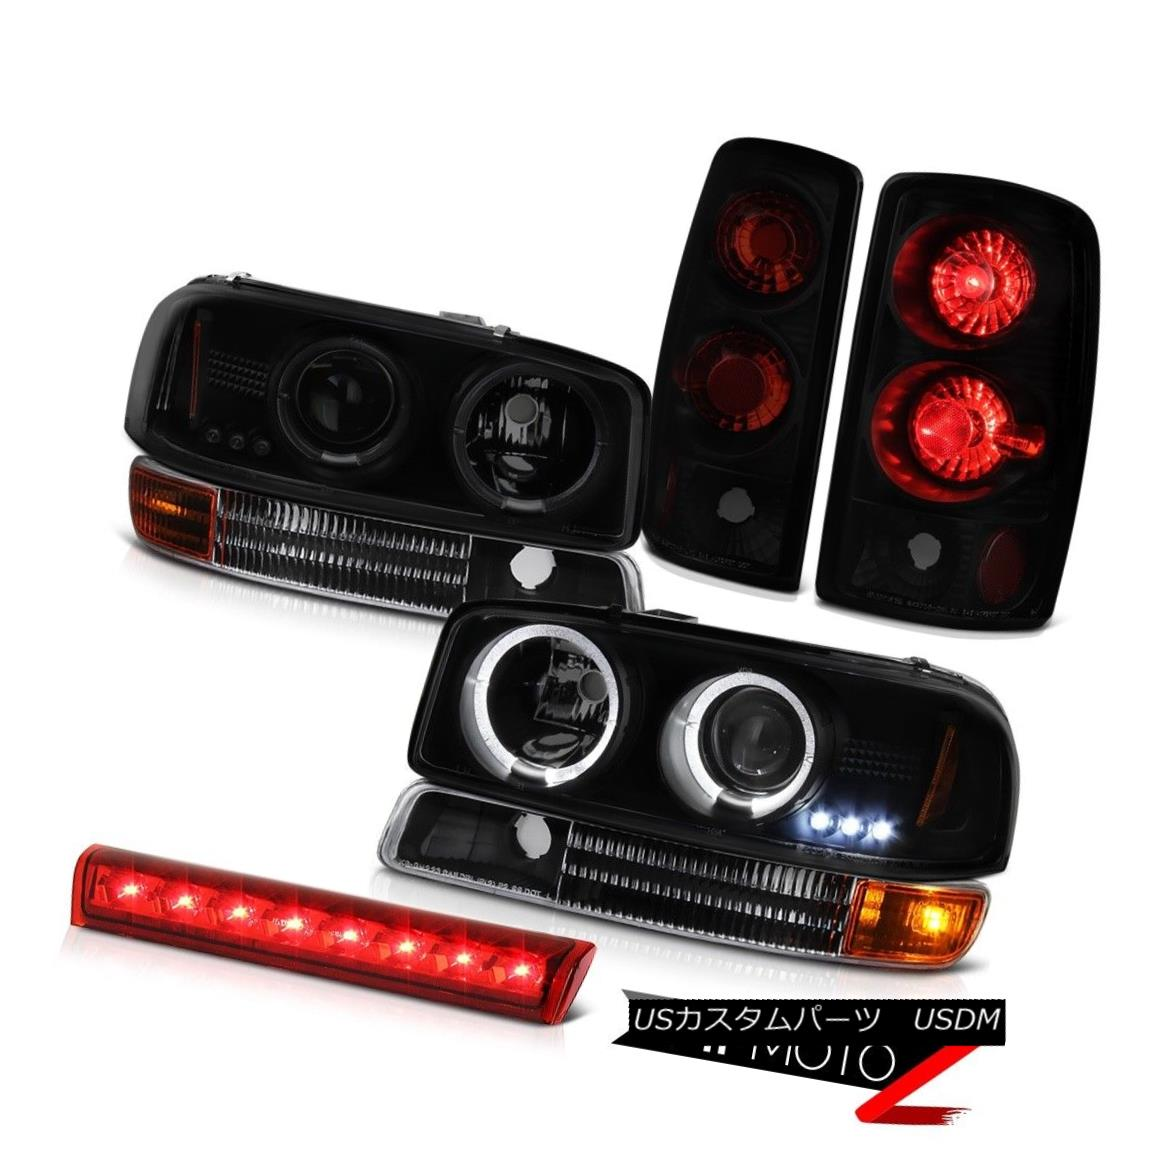 テールライト 00-06 Yukon XL 5.3L Halo SINSTER BLACK Headlight Signal Tail Light High Stop LED 00-06ユーコンXL 5.3L Halo SINSTER BLACKヘッドライト信号テールライトハイストップLED